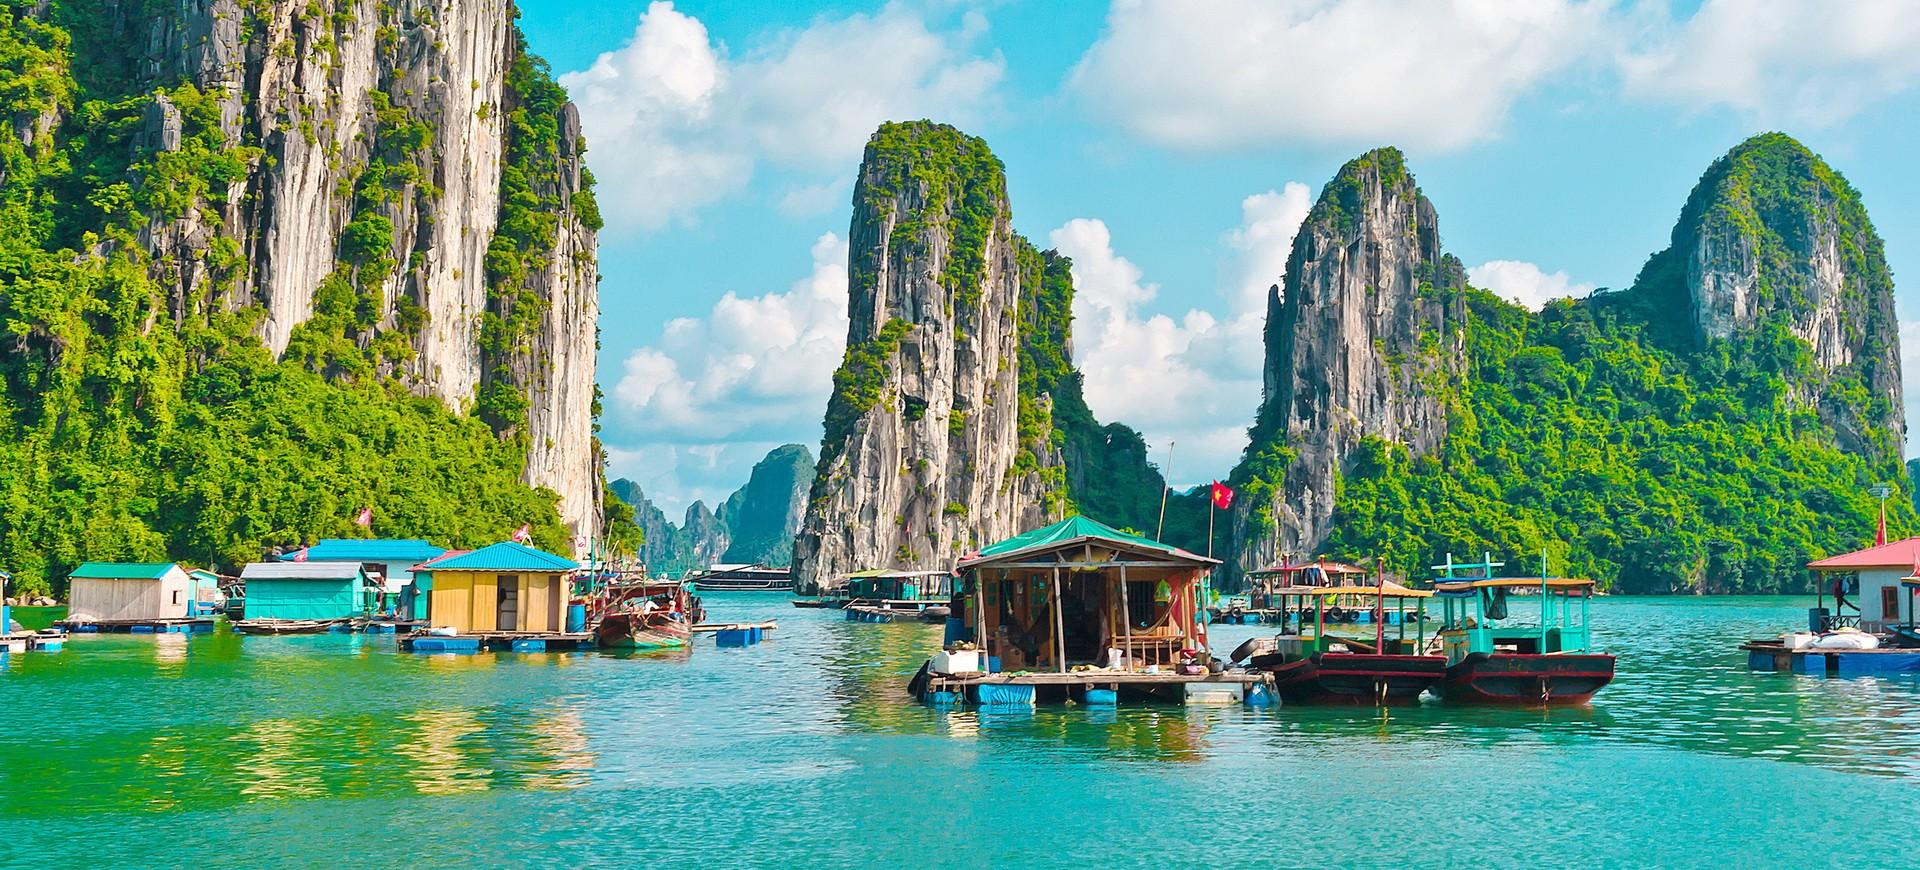 Village flottant dans la Baie d'Halong au Vietnam